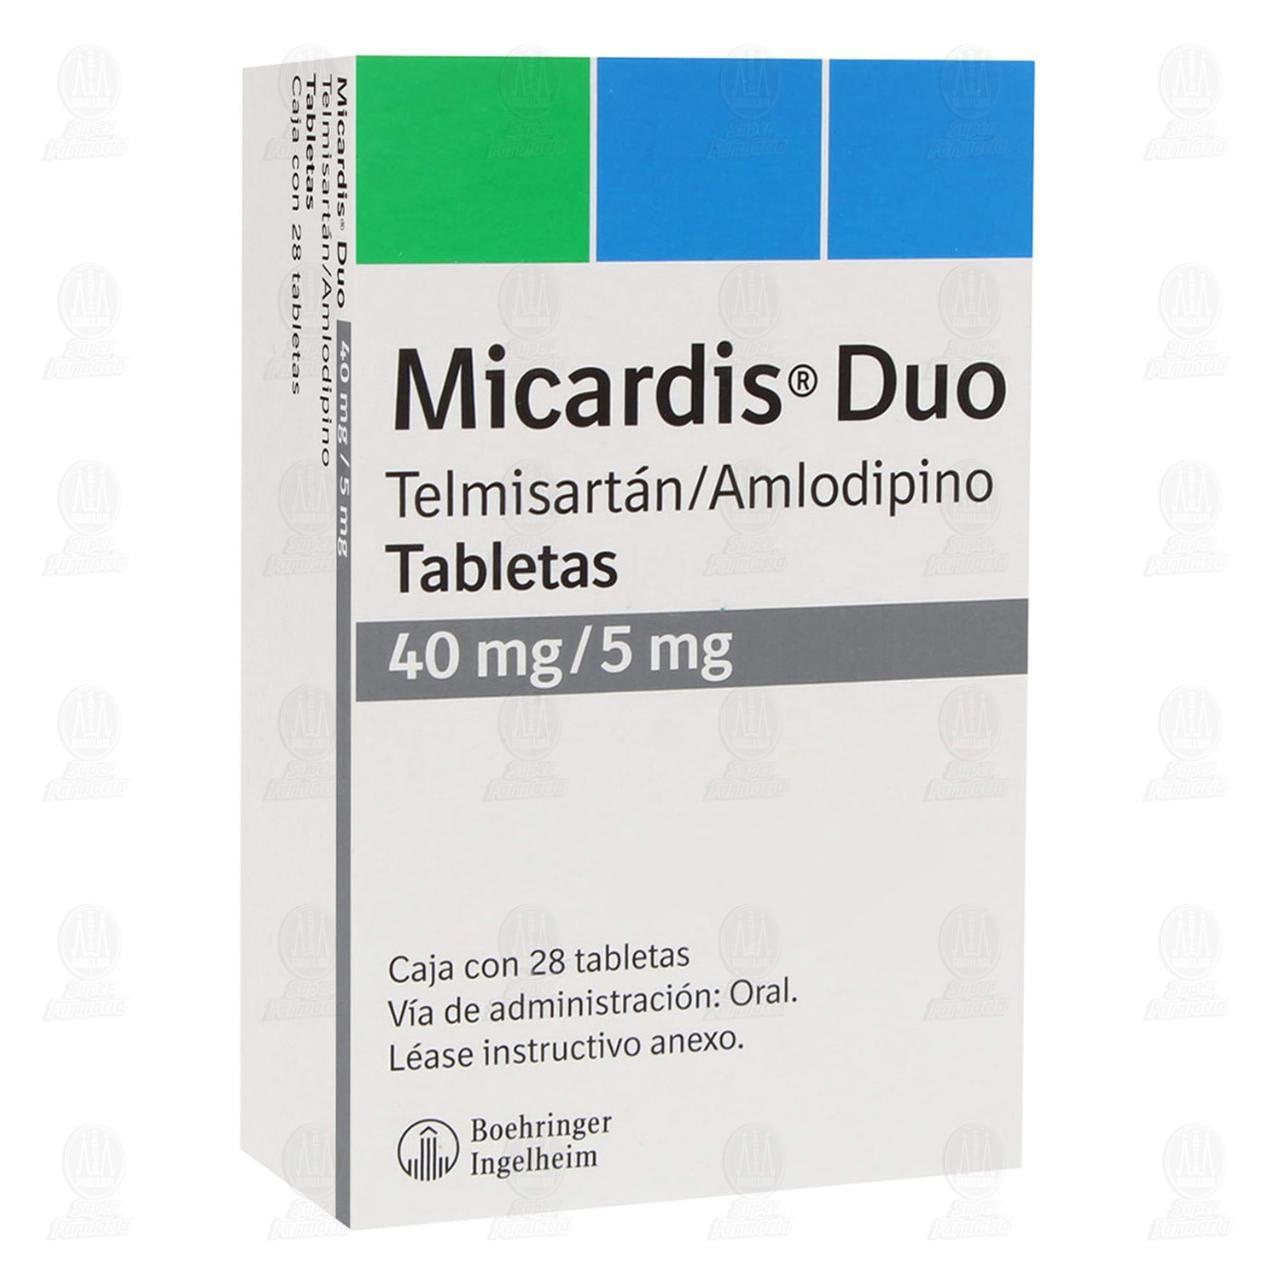 Comprar Micardis Duo 40mg/5mg 28 Tabletas en Farmacias Guadalajara